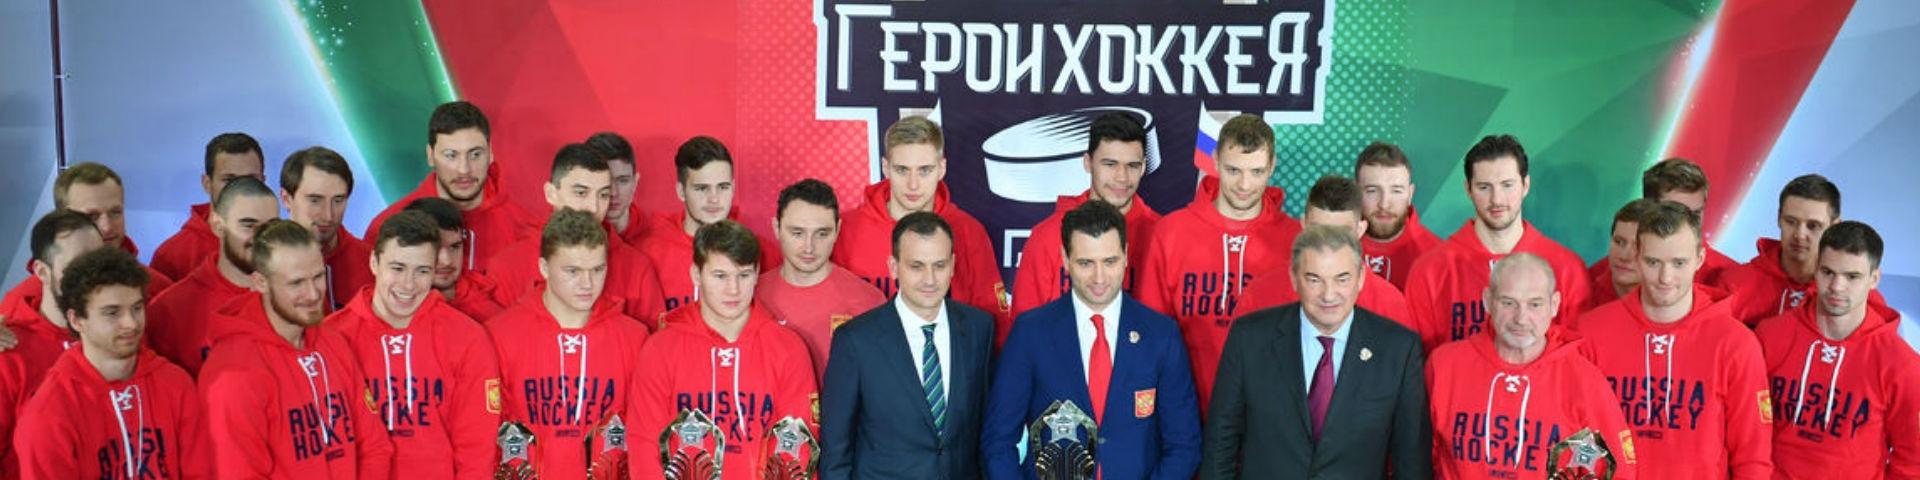 БК «Лига Ставок» и ФХР наградили лауреатов премии «Герои хоккея» 2019